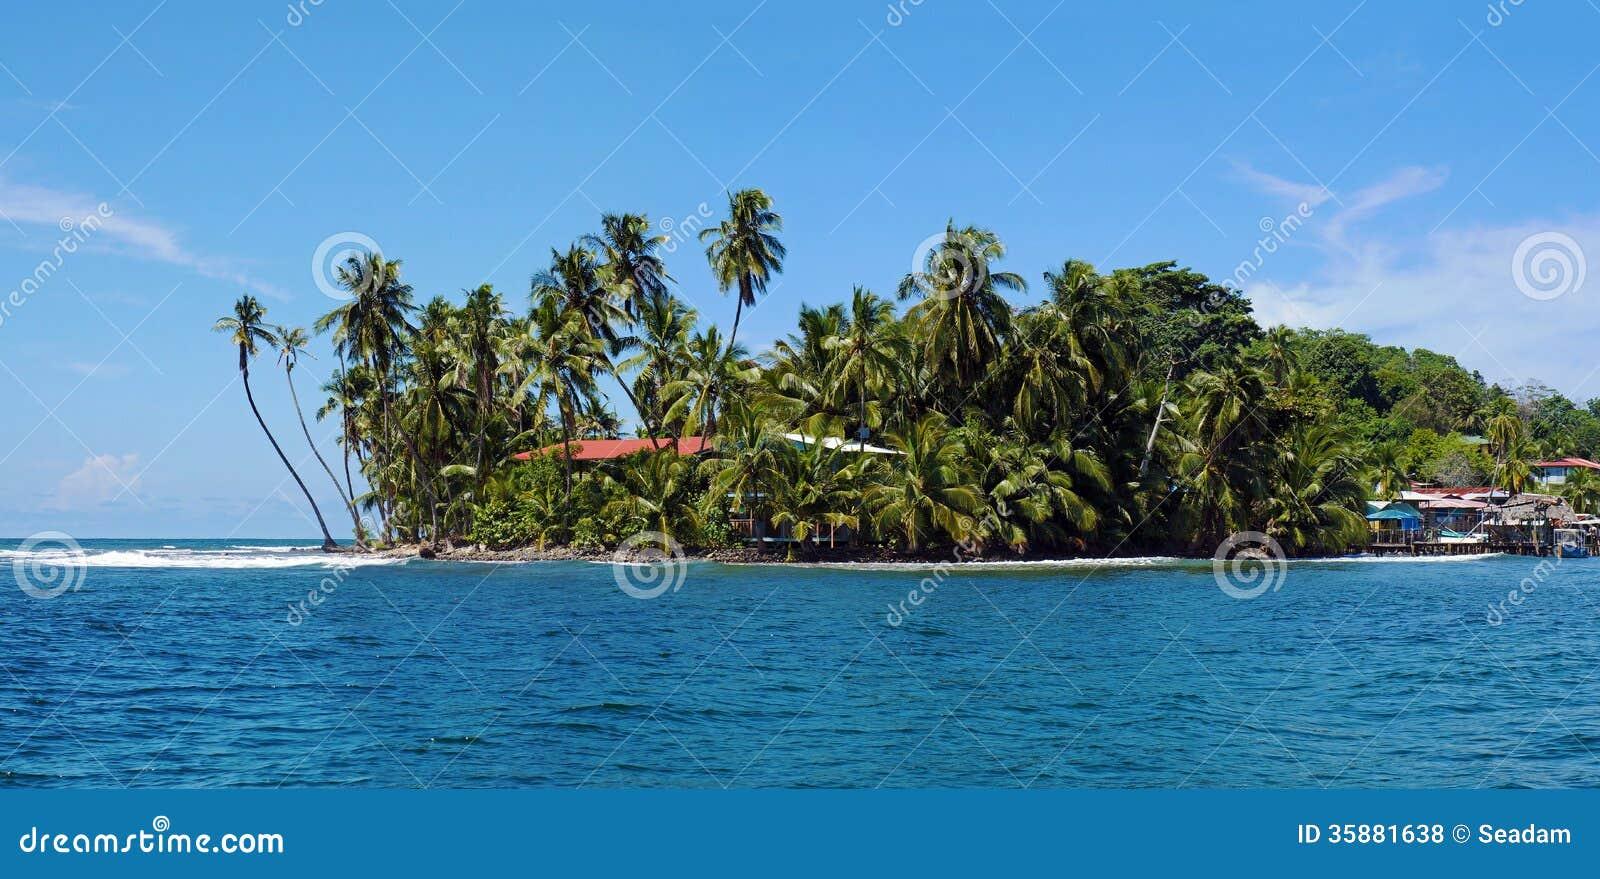 Le tropicale avec l 39 arbre de noix de coco de penchement photos libres de droits image 35881638 - Arbre noix de coco ...